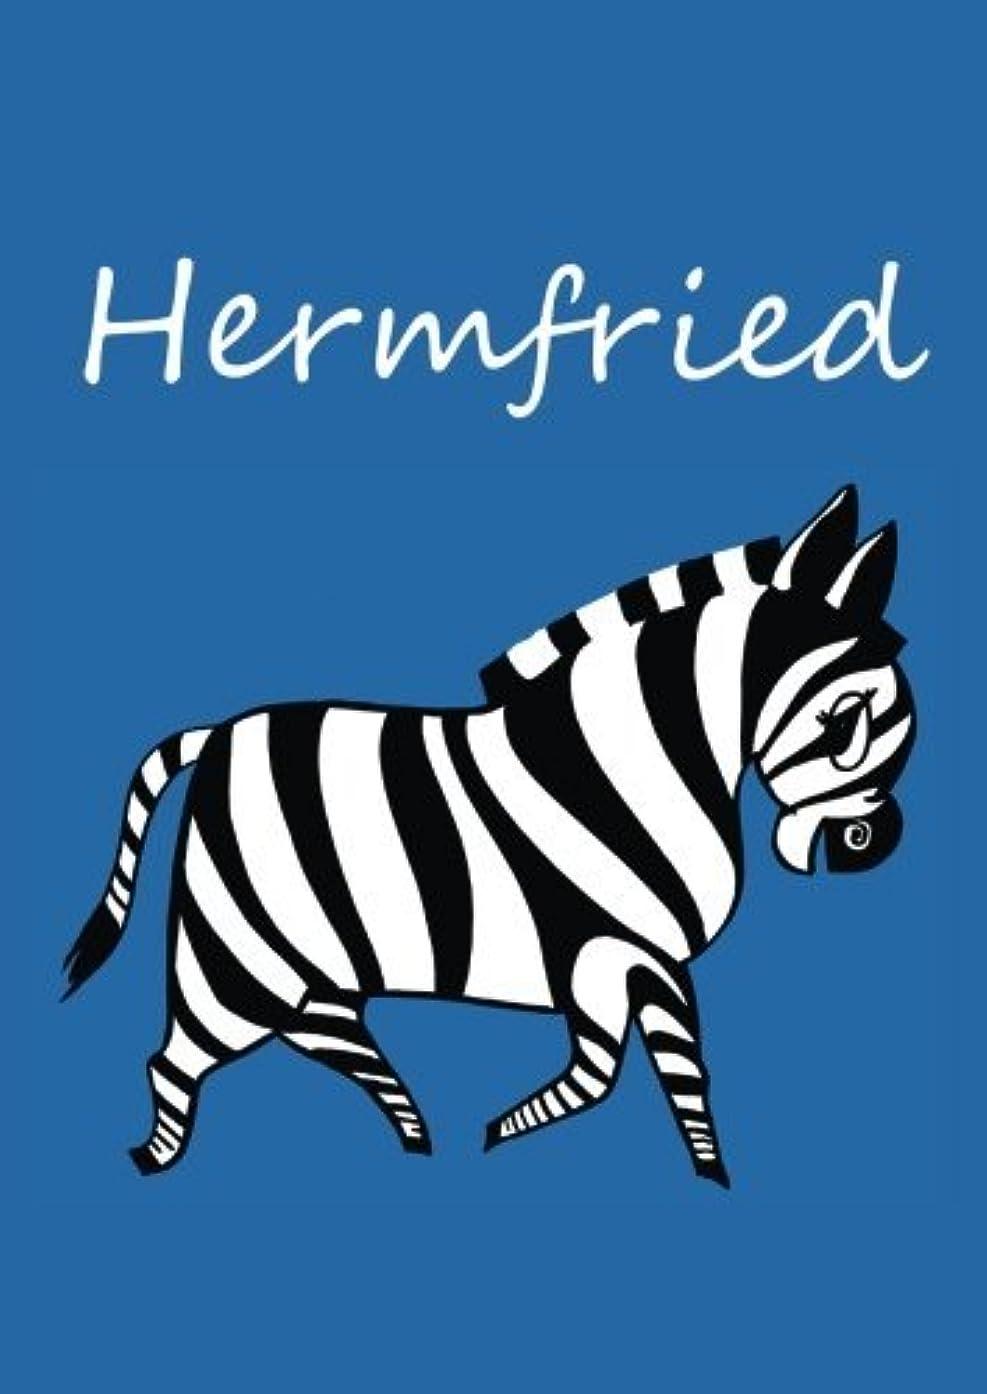 閃光治療お手伝いさんHermfried: individualisiertes Malbuch / Notizbuch / Tagebuch - Zebra - A4 - blanko